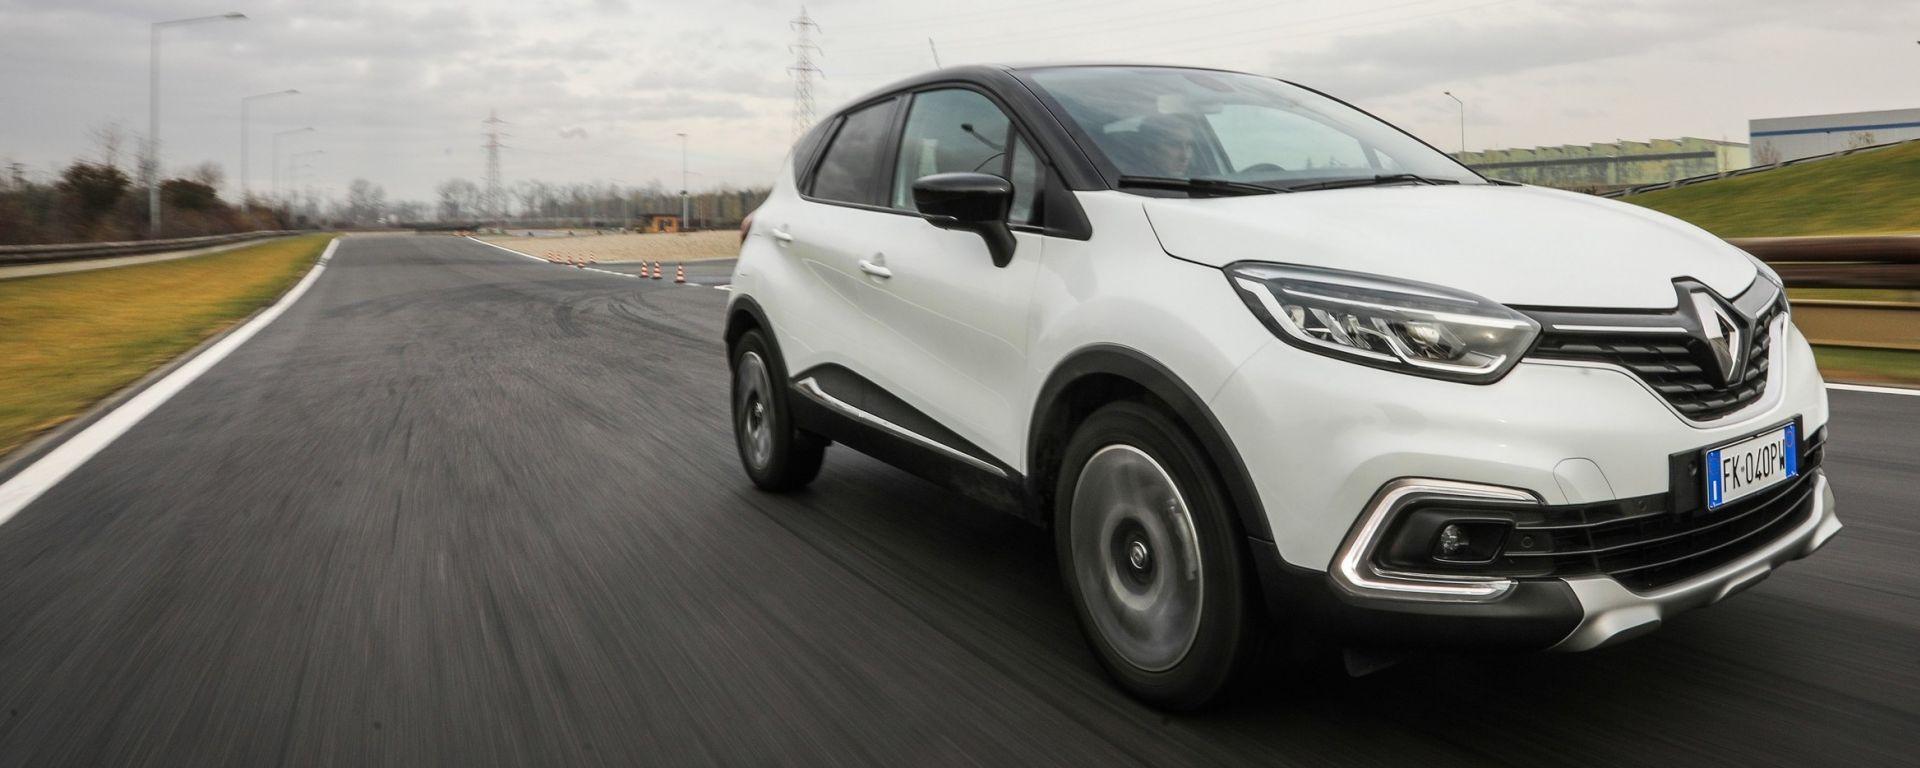 Renault Captur: la prova su strada del SUV compatto